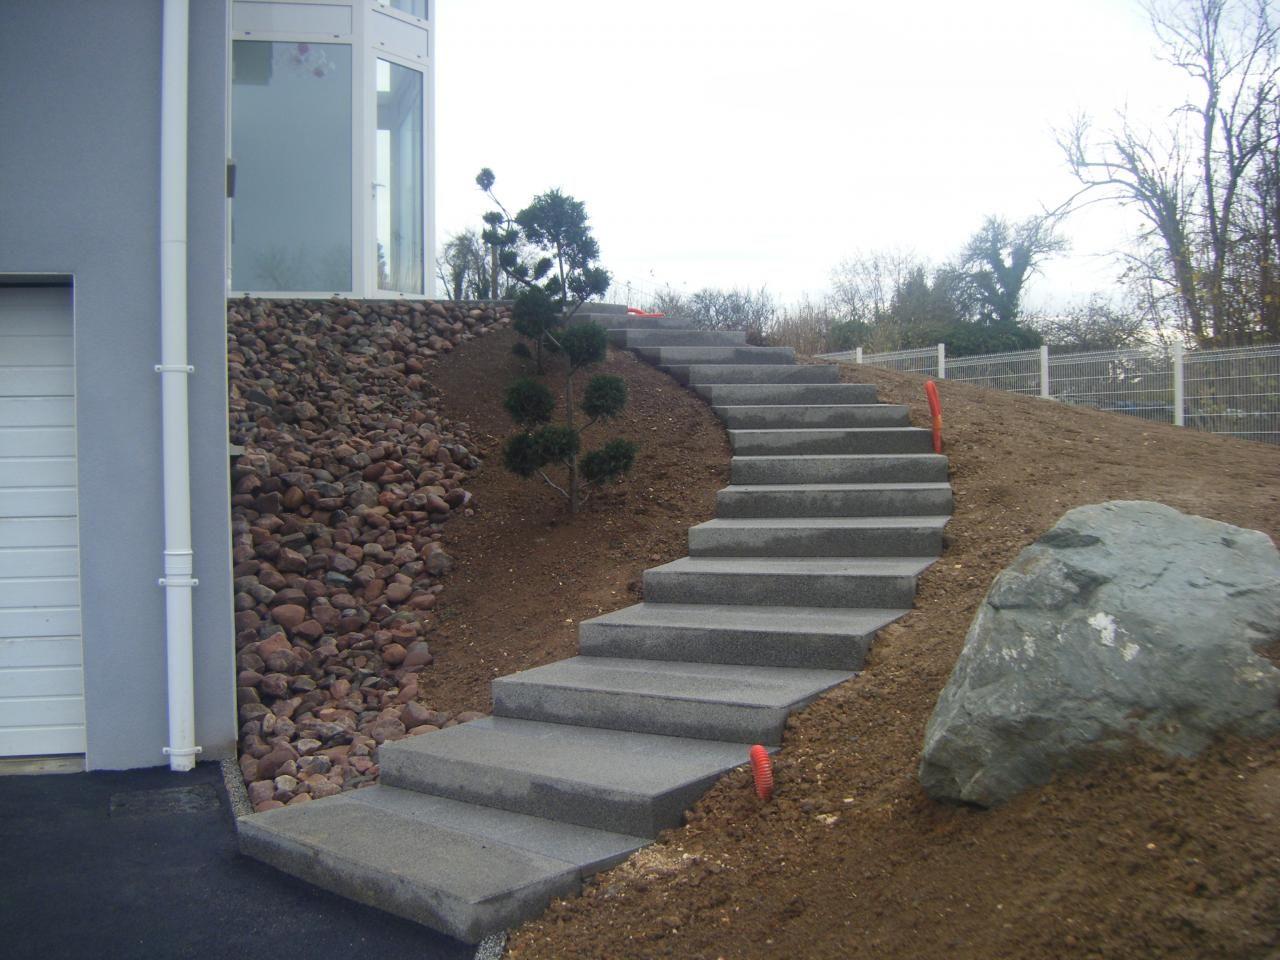 Exceptionnel escalier extérieur en béton | escaliers en béton désactivé, mur en  NR73